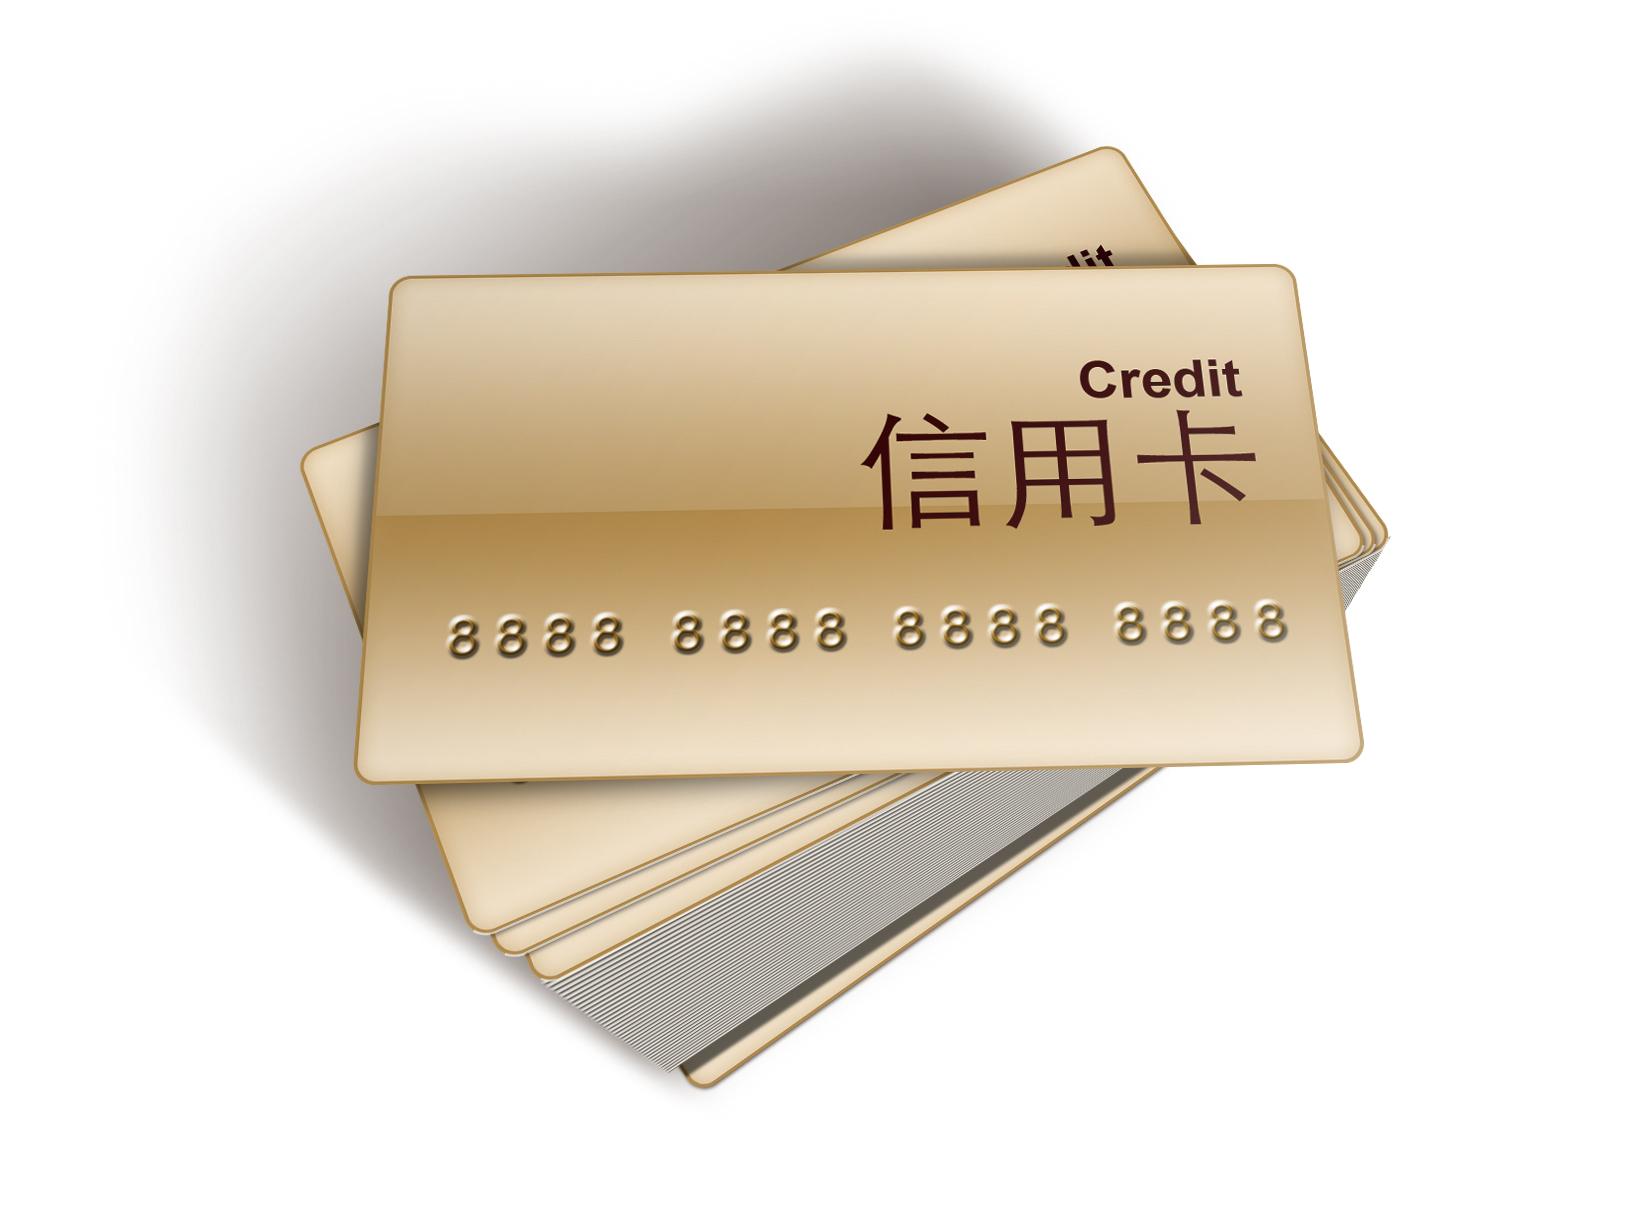 代还信用卡手续费多少_支付宝卡转卡要手续费吗_中国银行白金信用卡以卡办卡